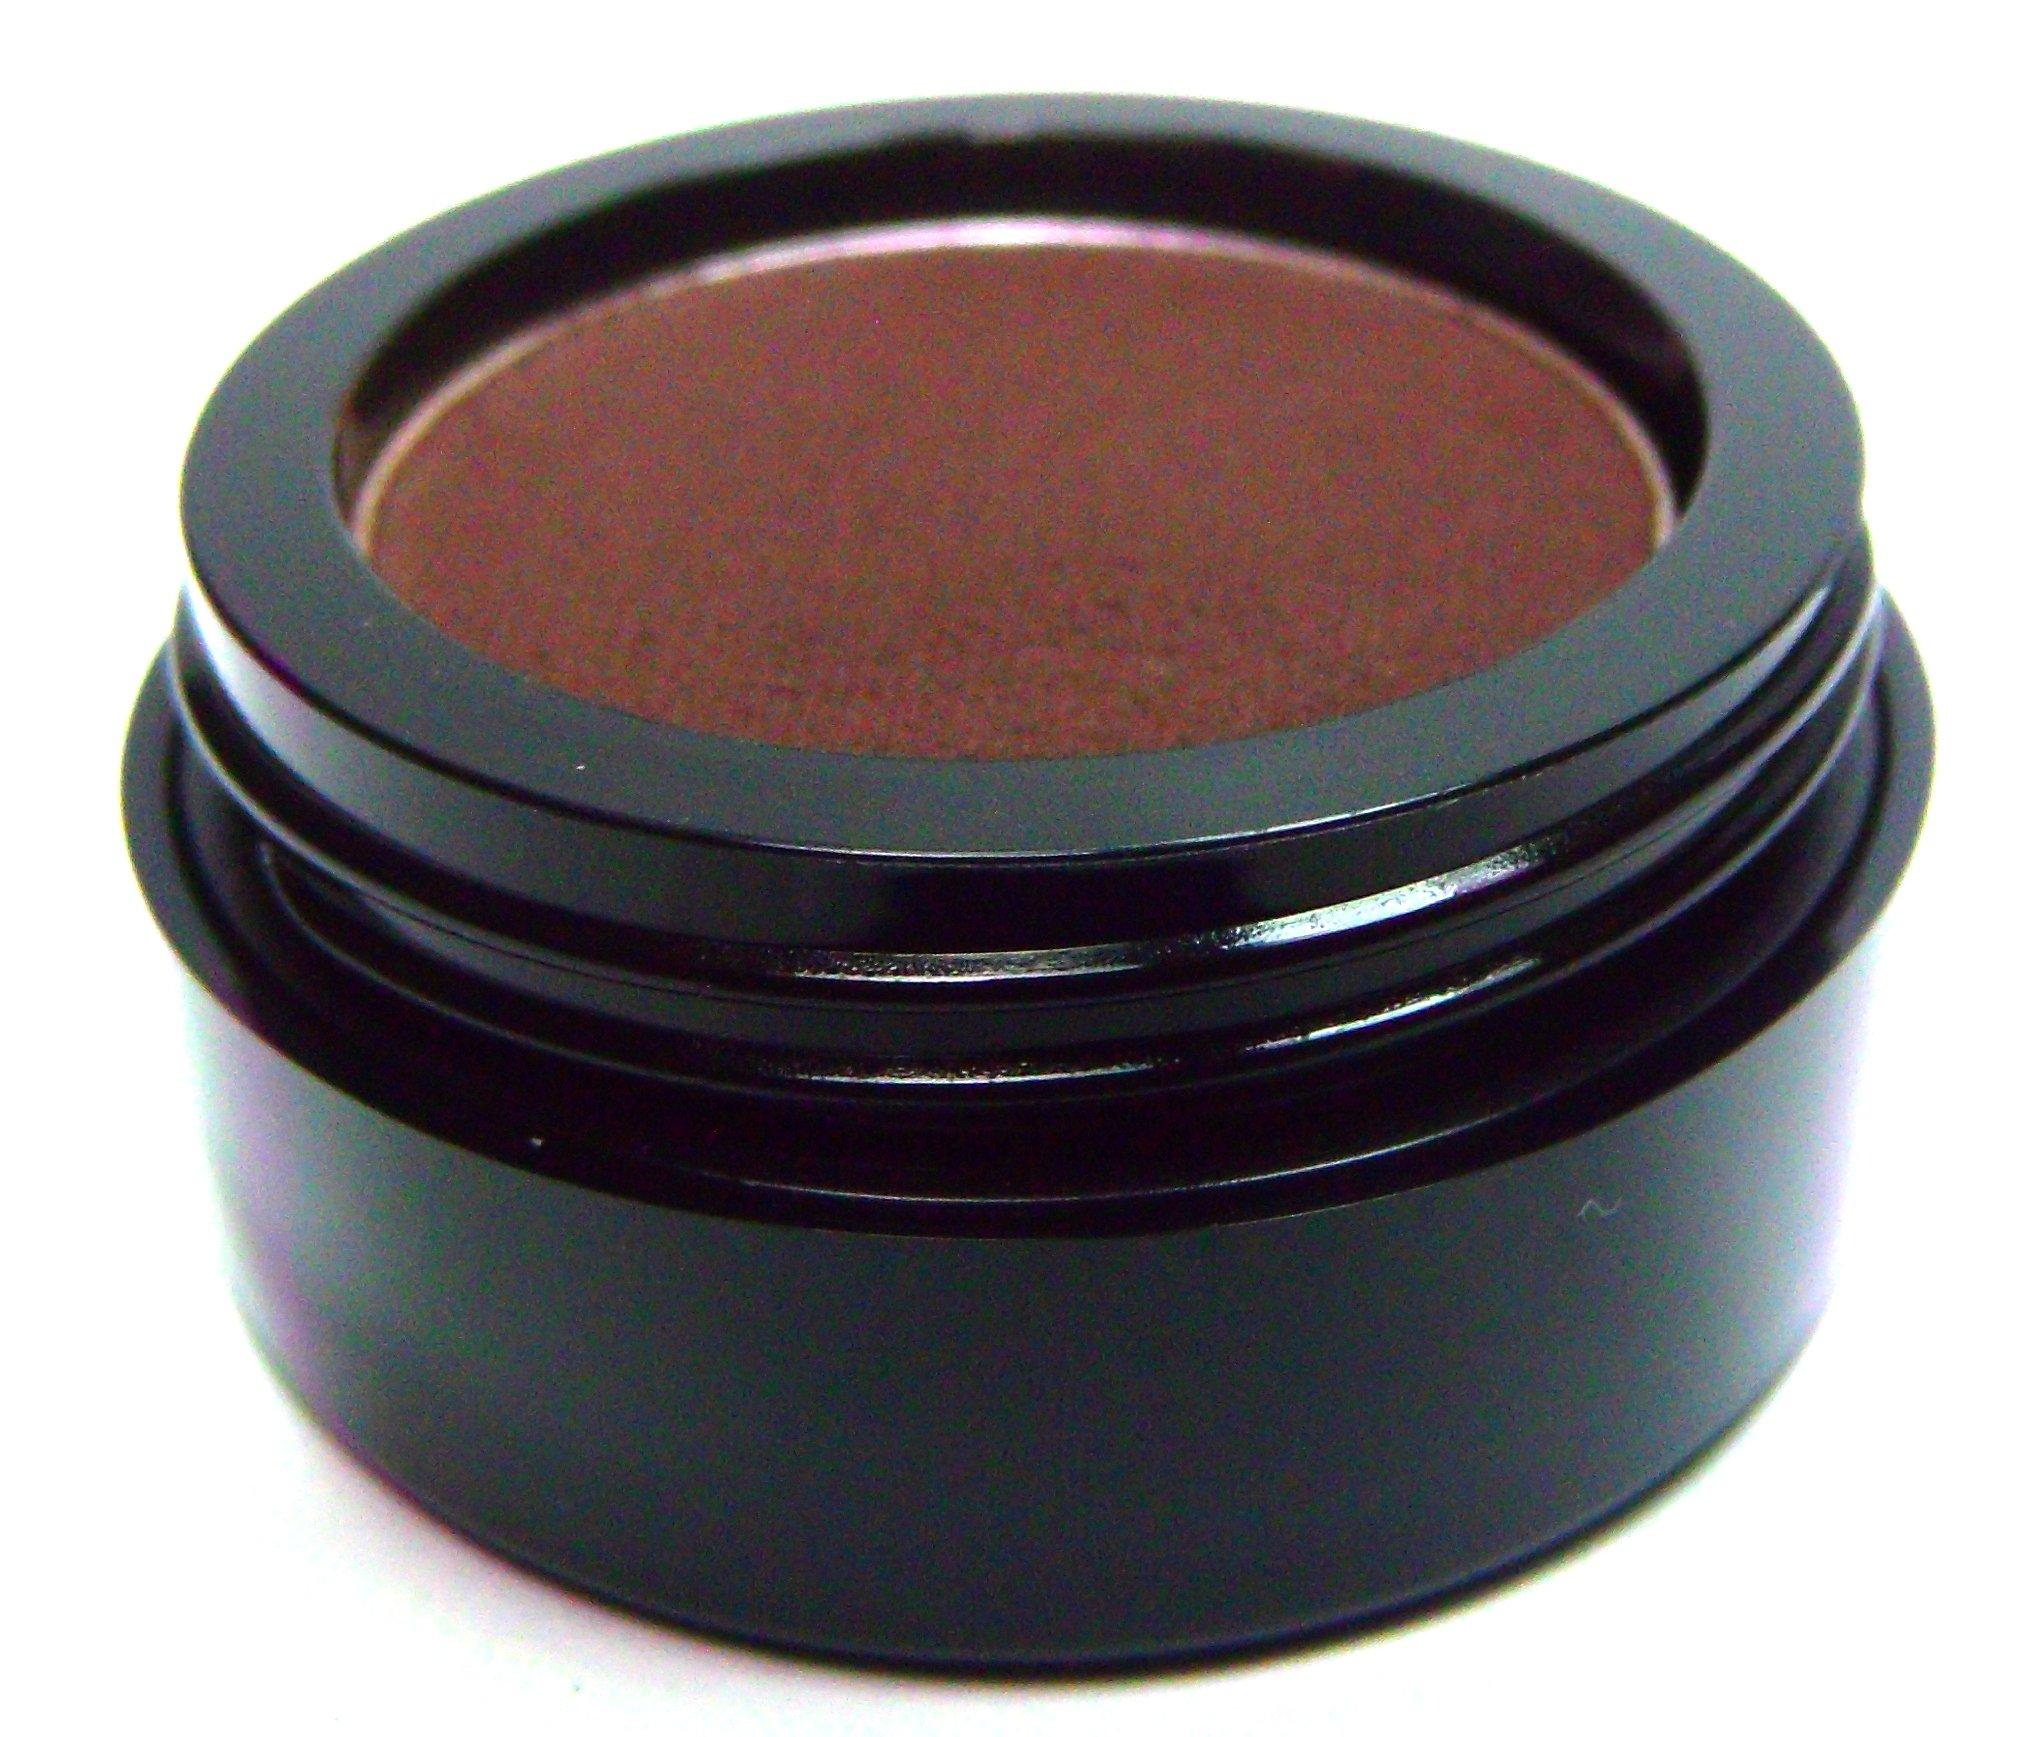 Pure Ziva Matte Chocolate Brown Wet Dry Pressed Powder Cake Eyeliner Eyeshadow, Gluten Free, No Animal Testing & Cruelty Free